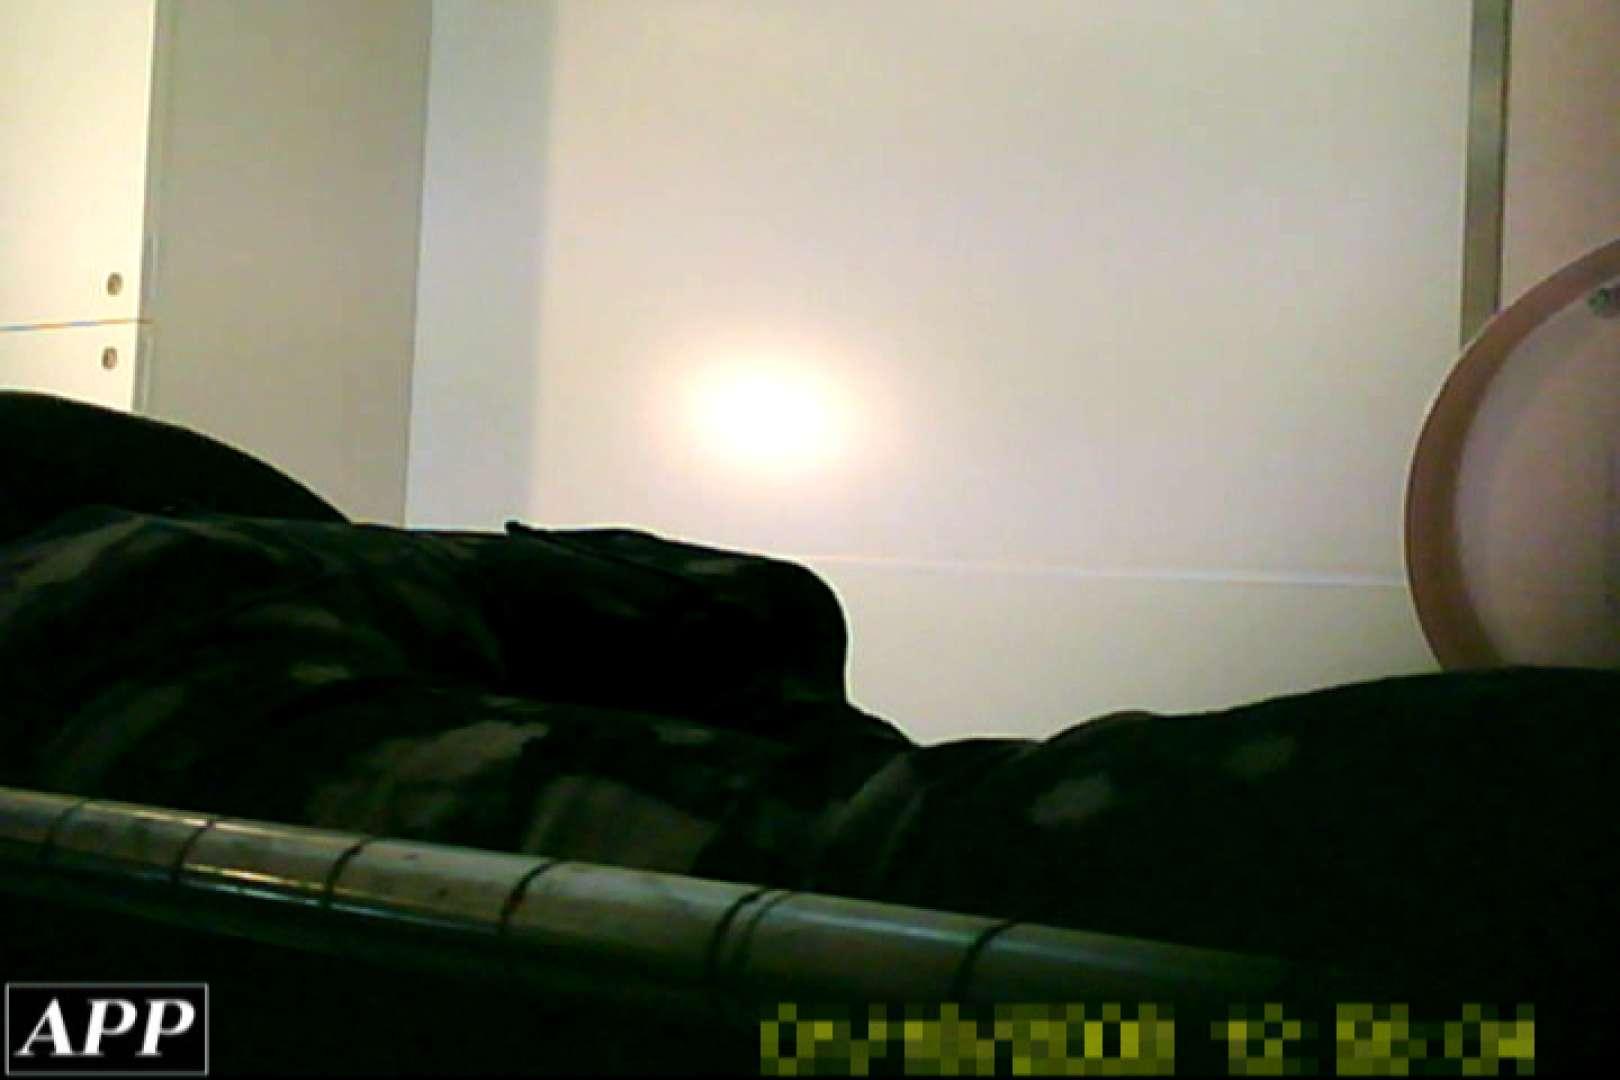 3視点洗面所 vol.128 モロだしオマンコ 隠し撮りオマンコ動画紹介 102pic 88